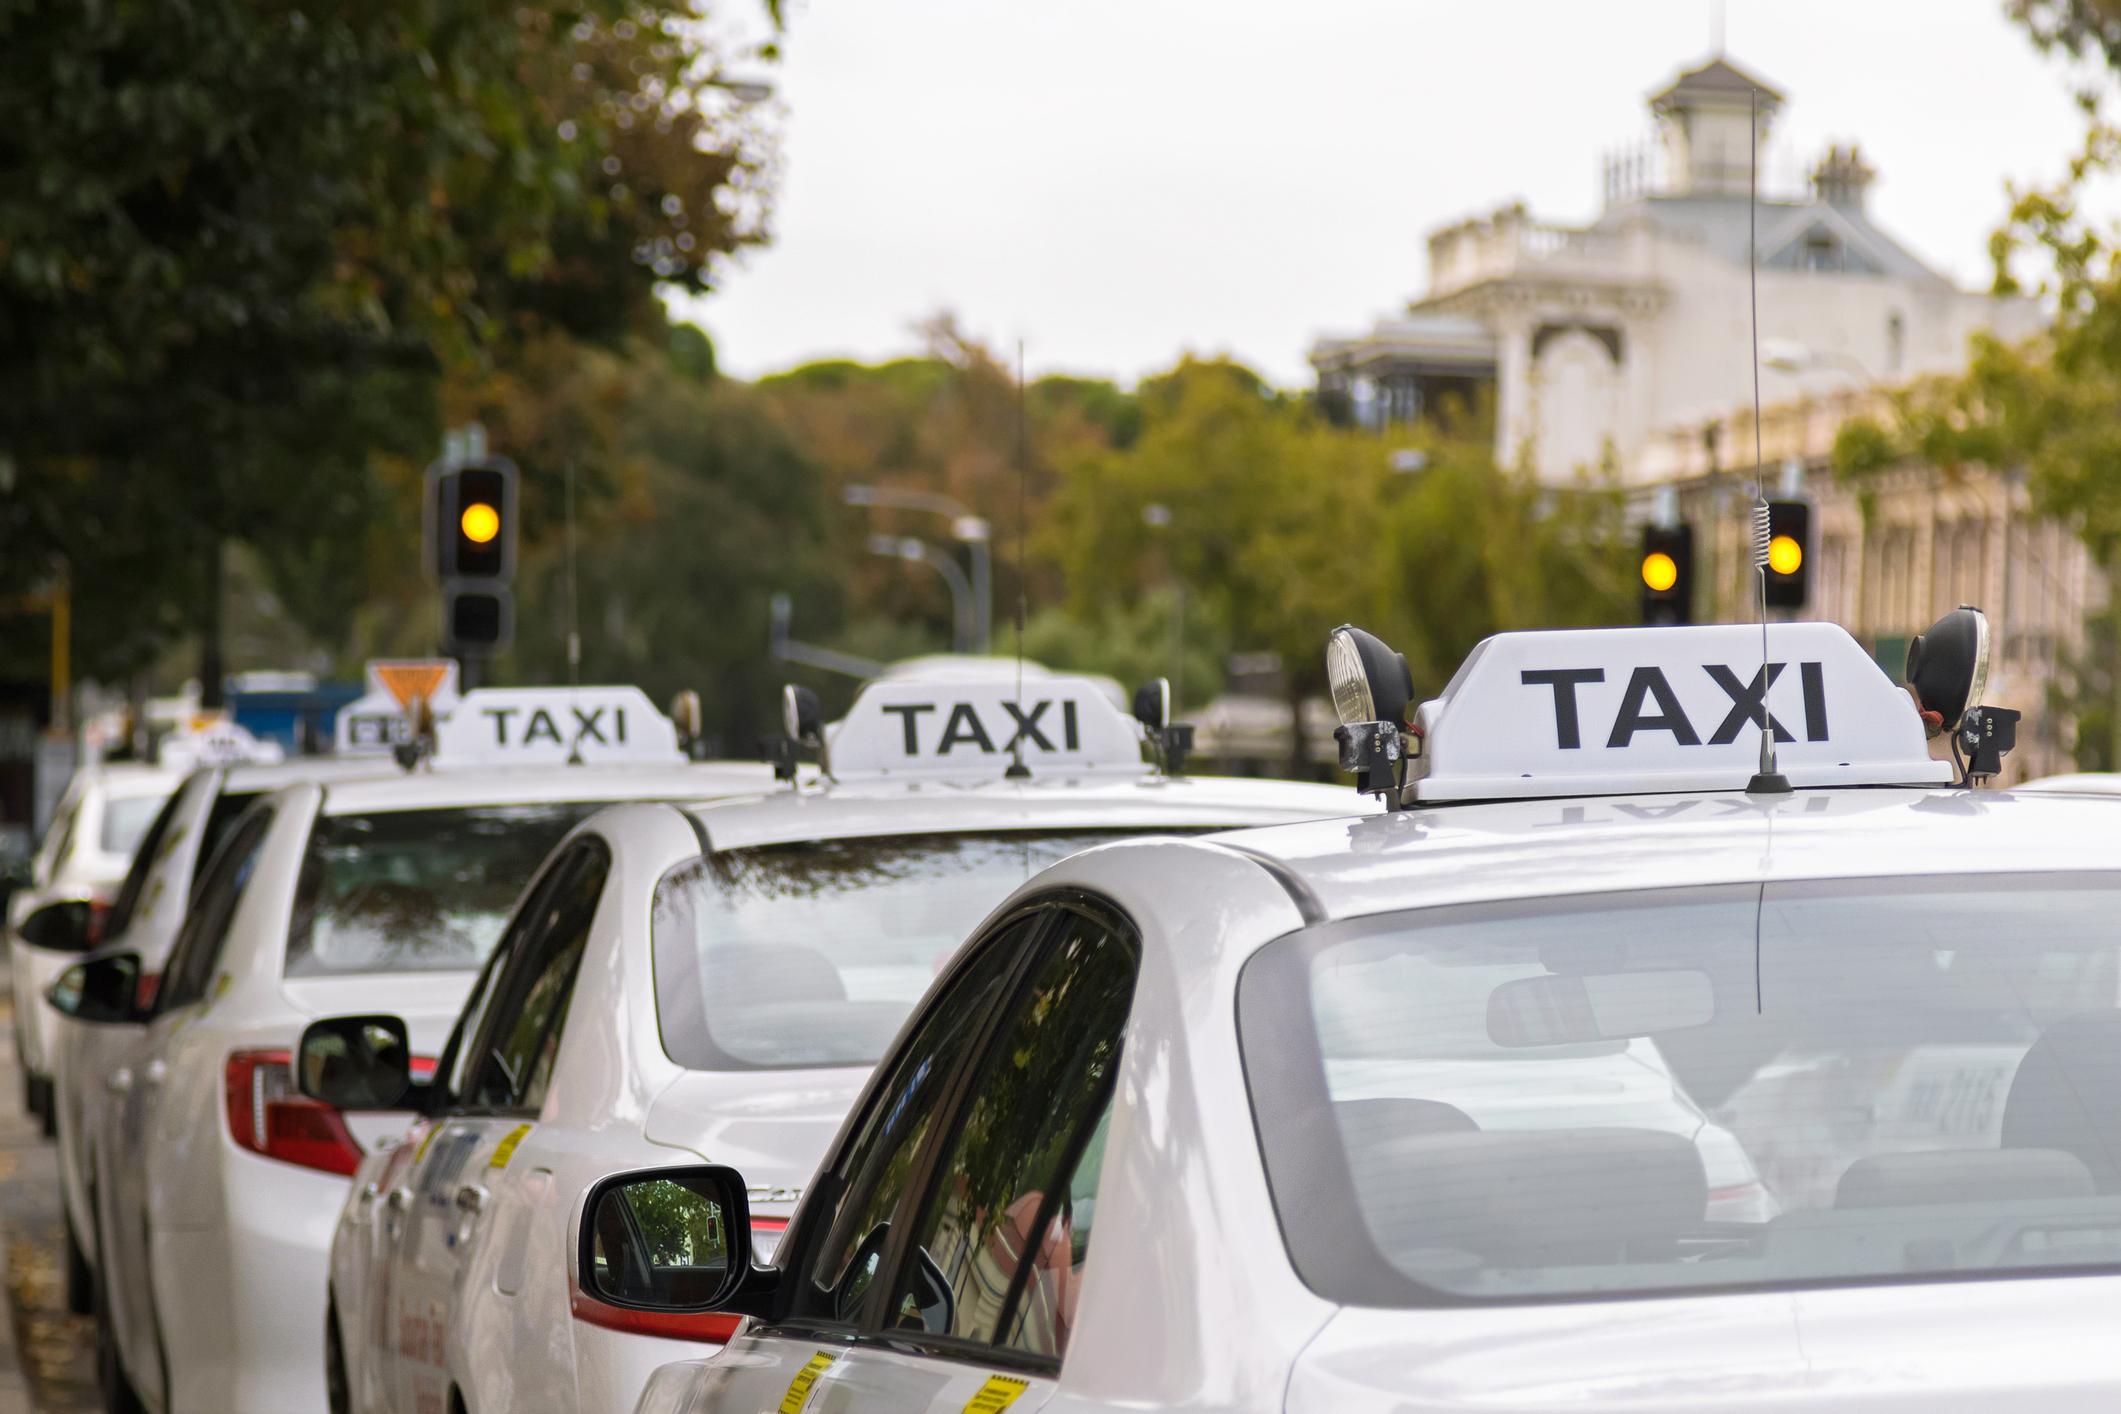 Rilascio buoni sconto Taxi nel Comune di Parma - CNA Parma